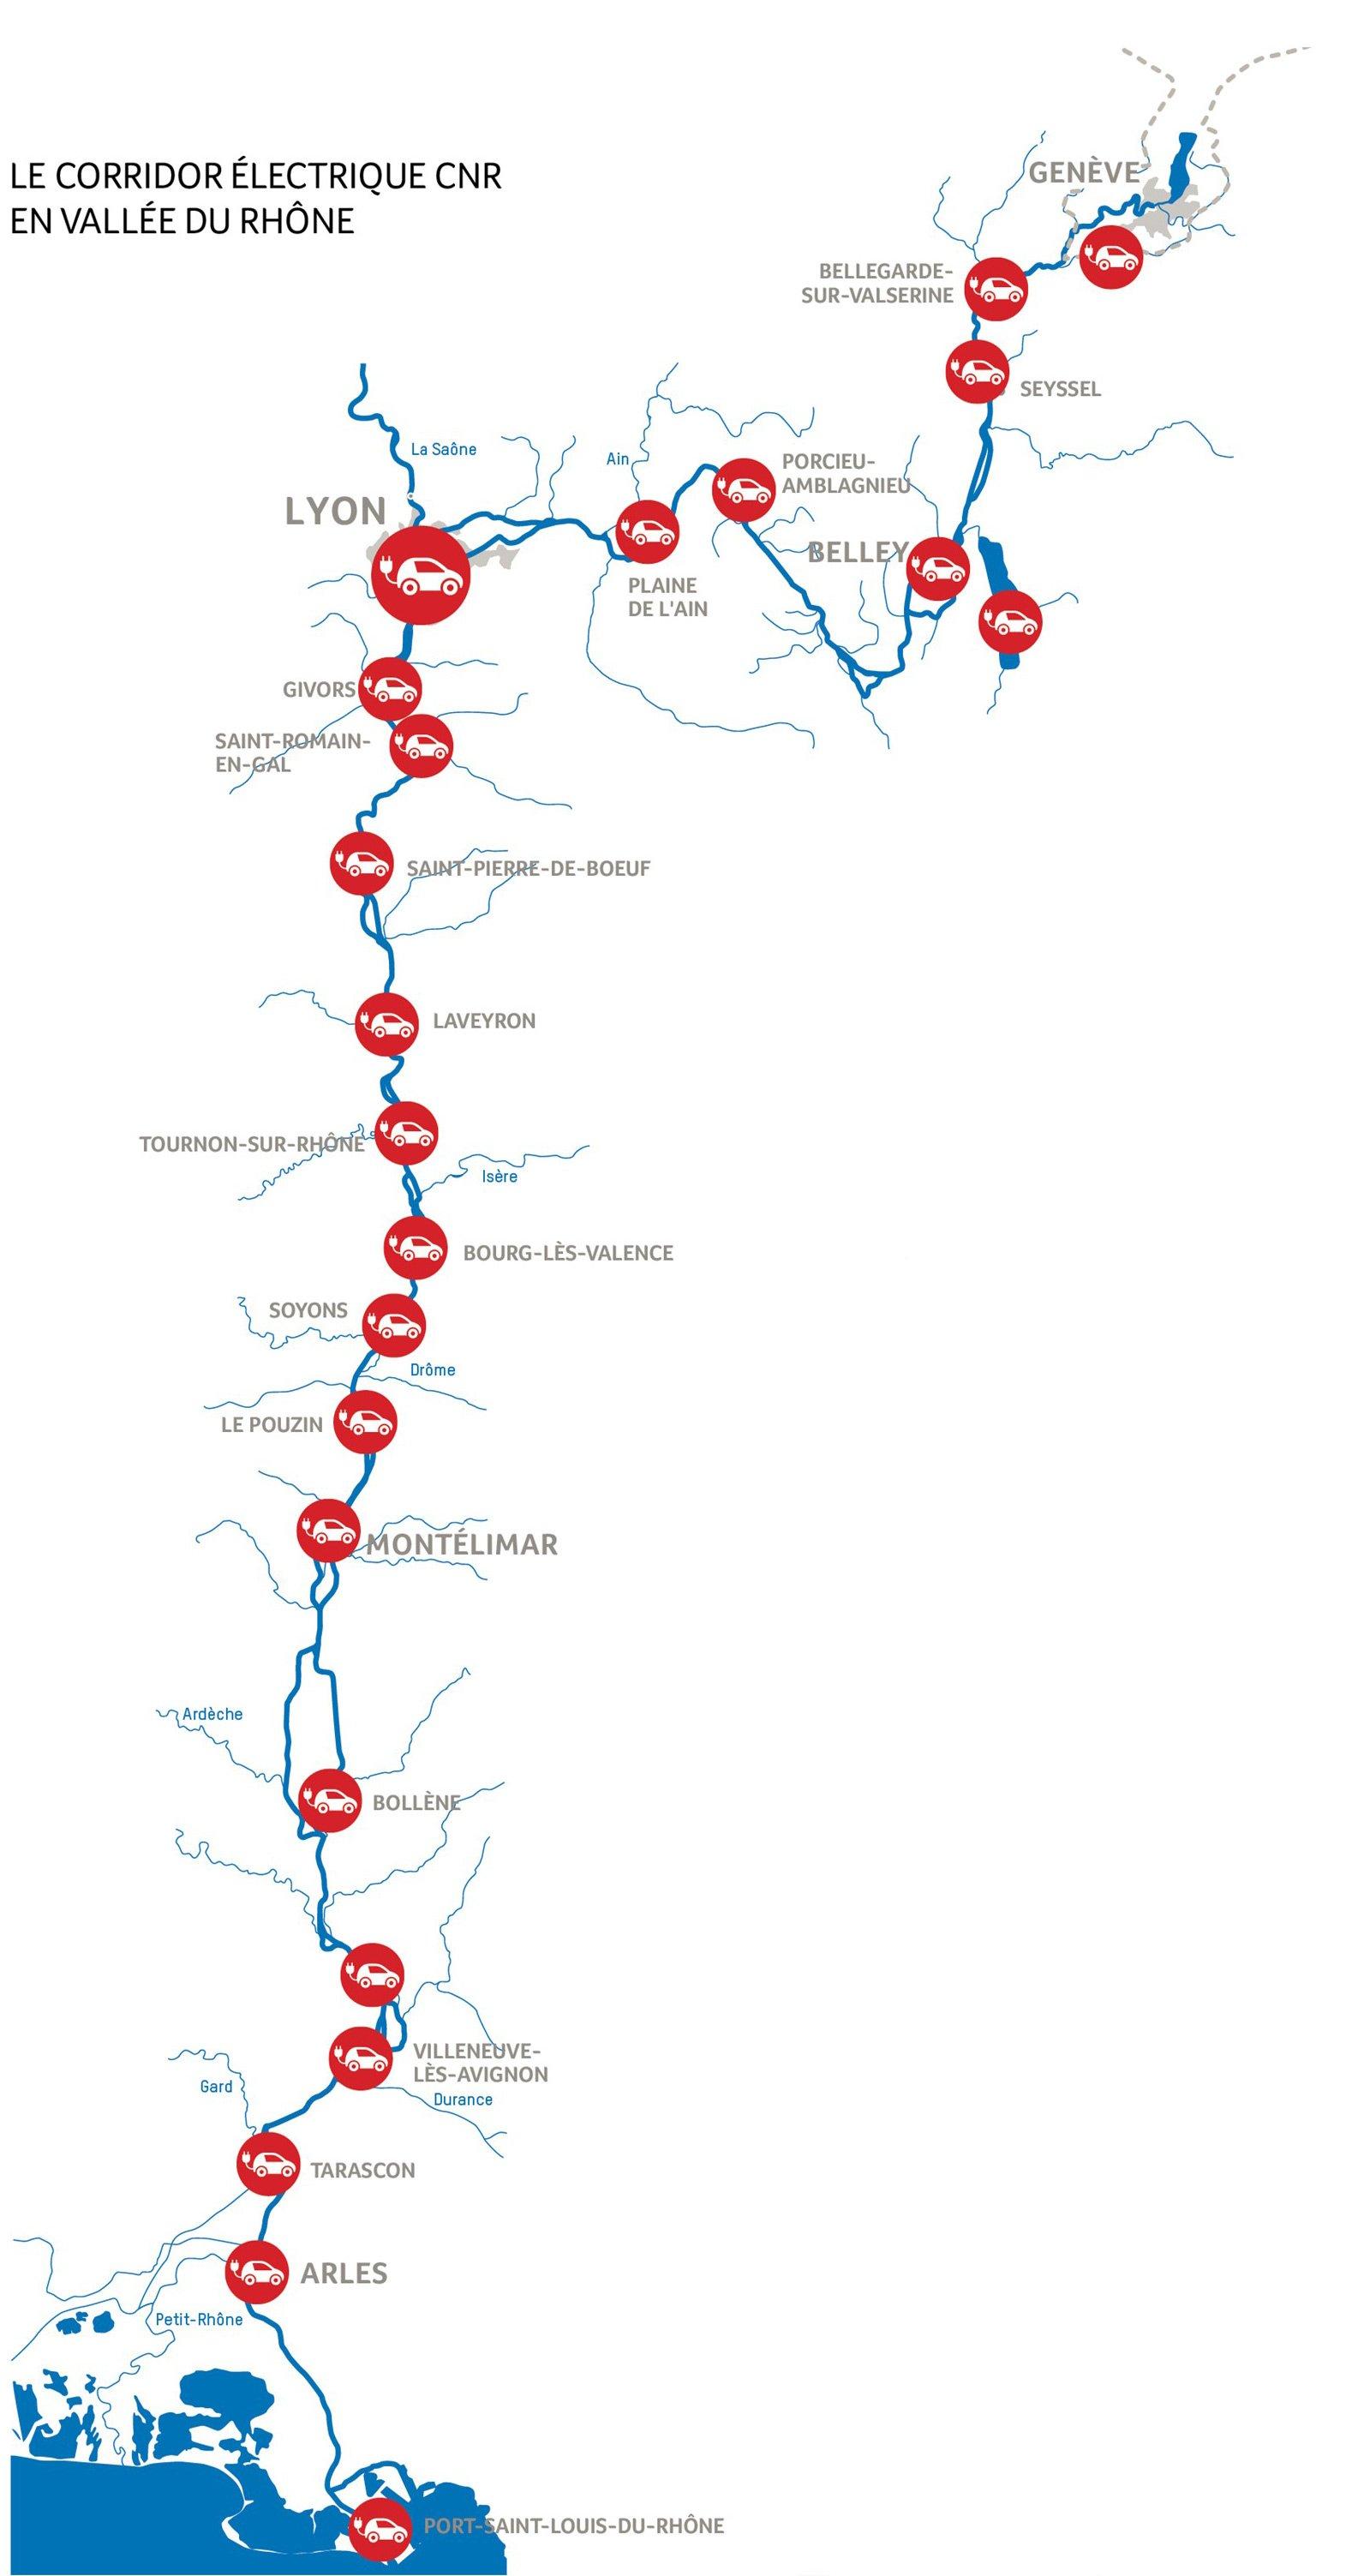 Carte : Station de recharge pour véhicules électriques, corridor électrique CNR